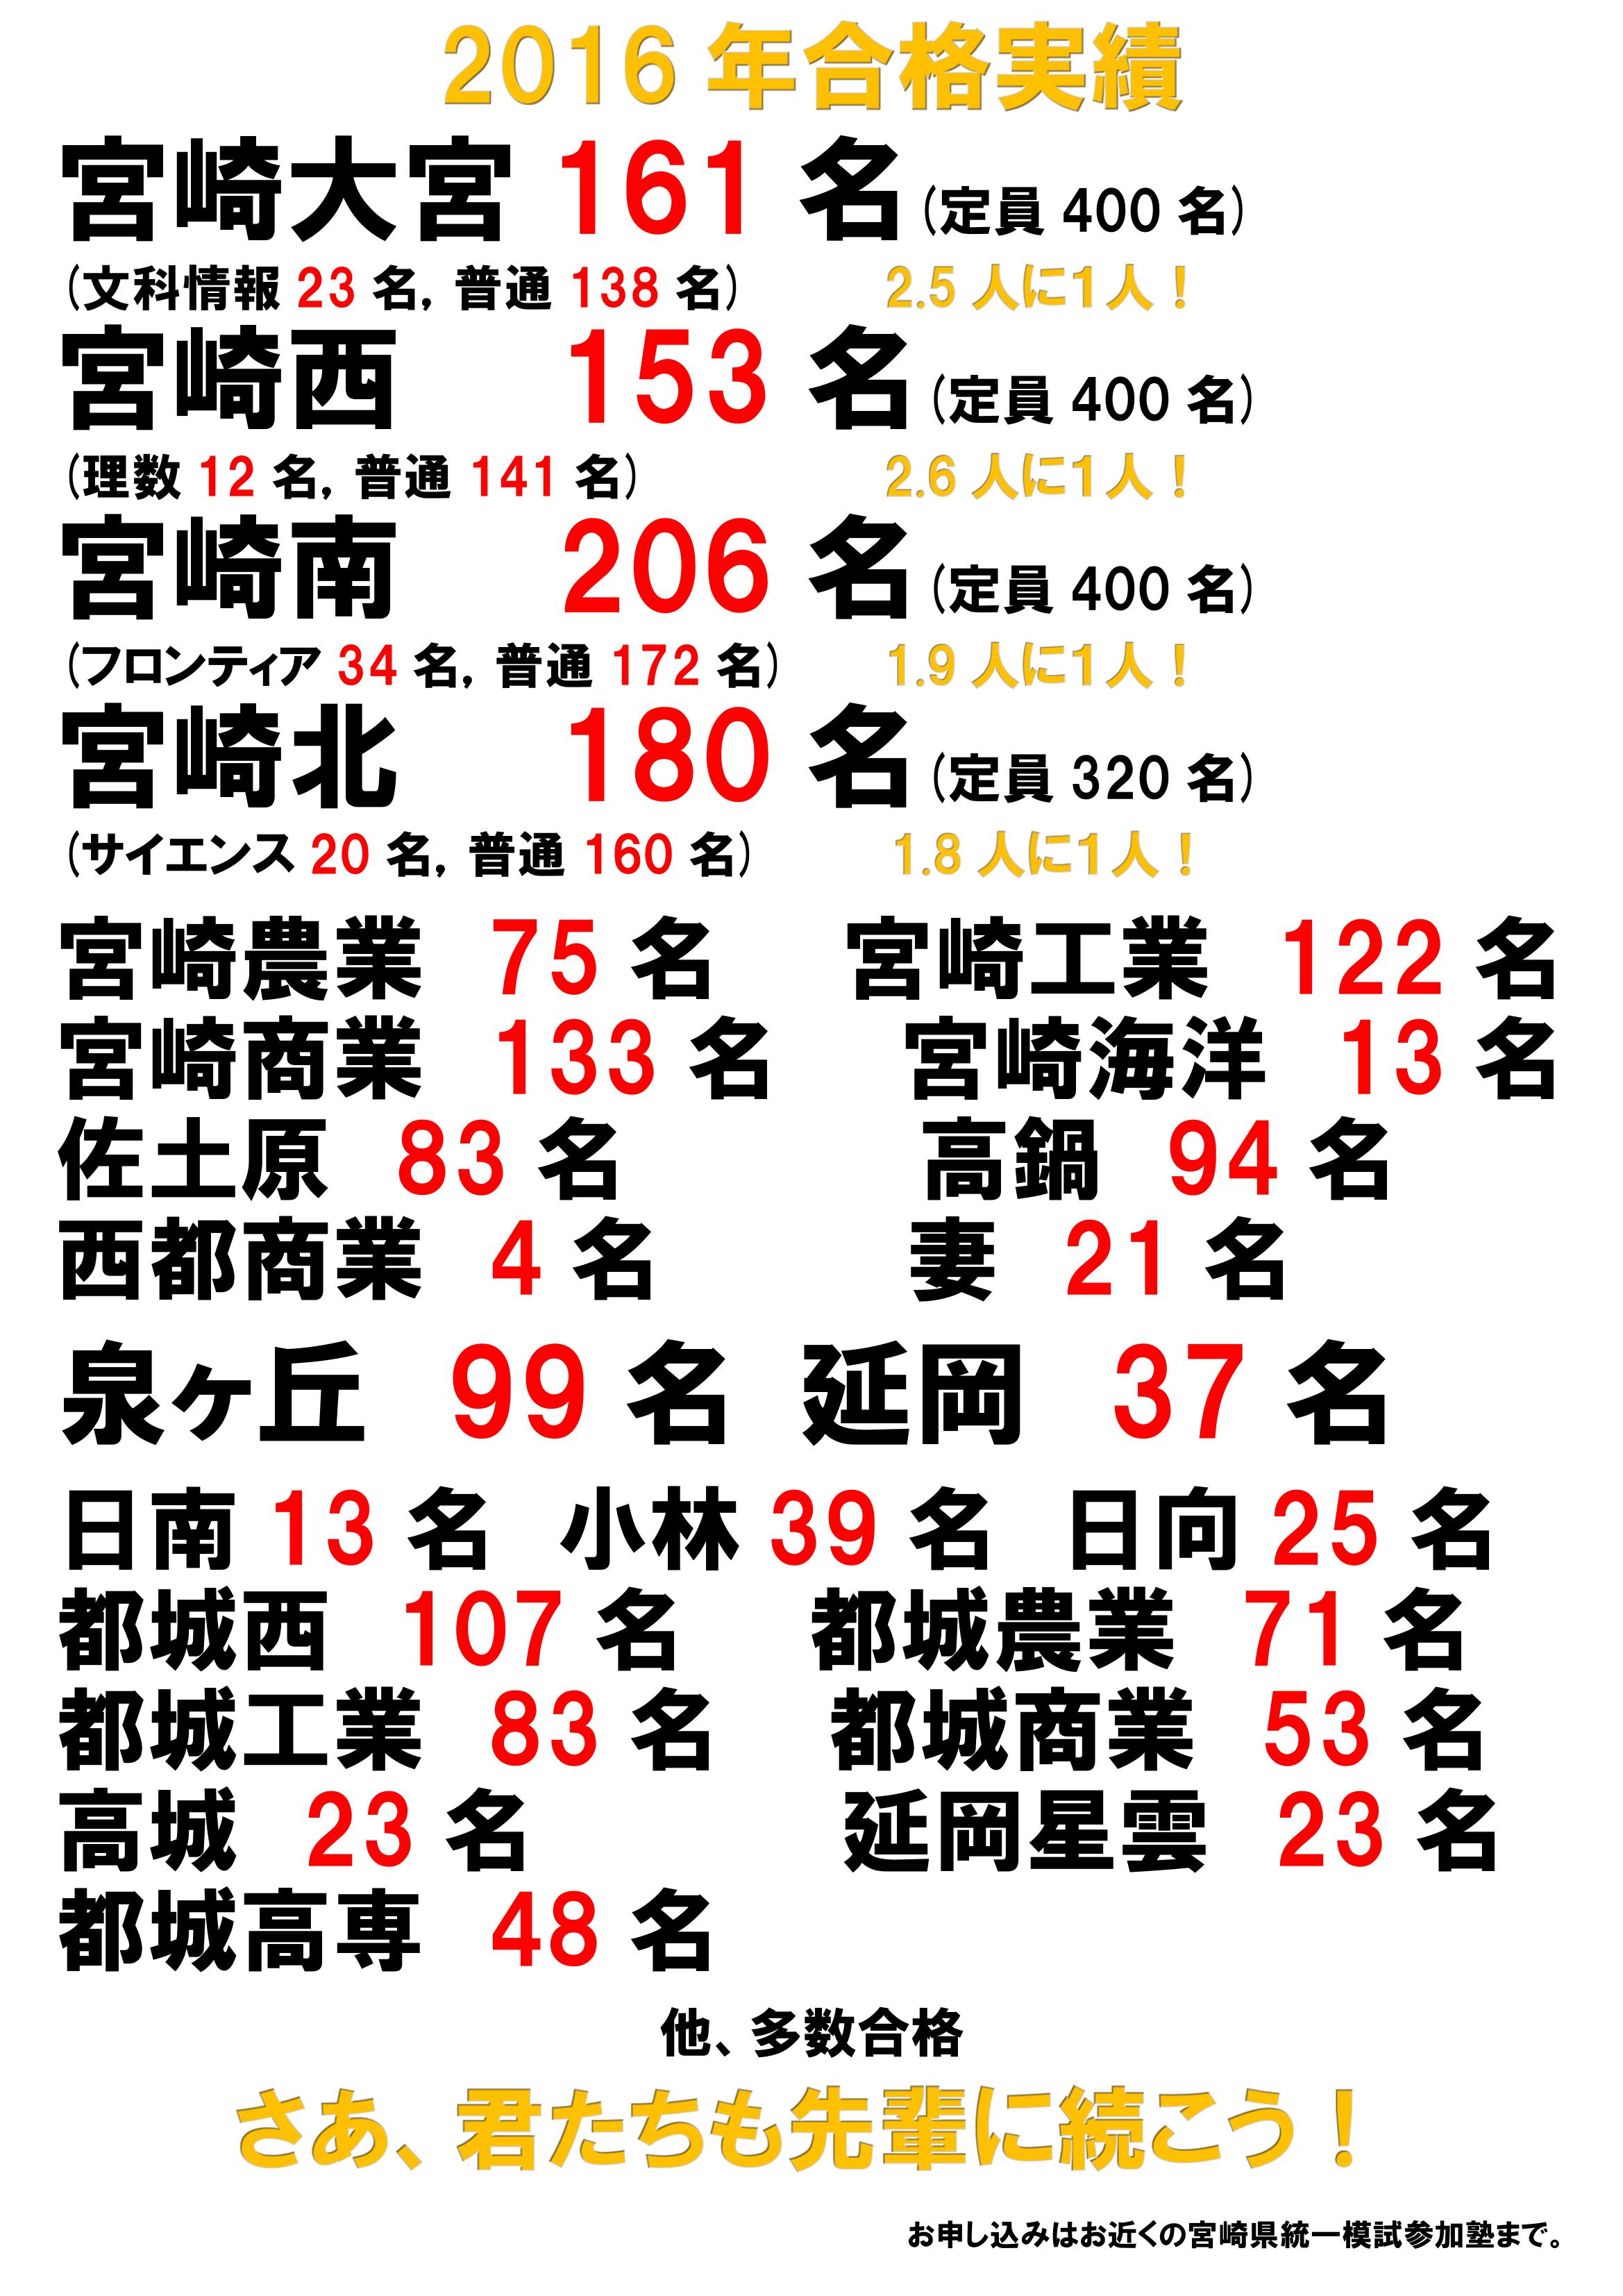 H28宮崎合格実績